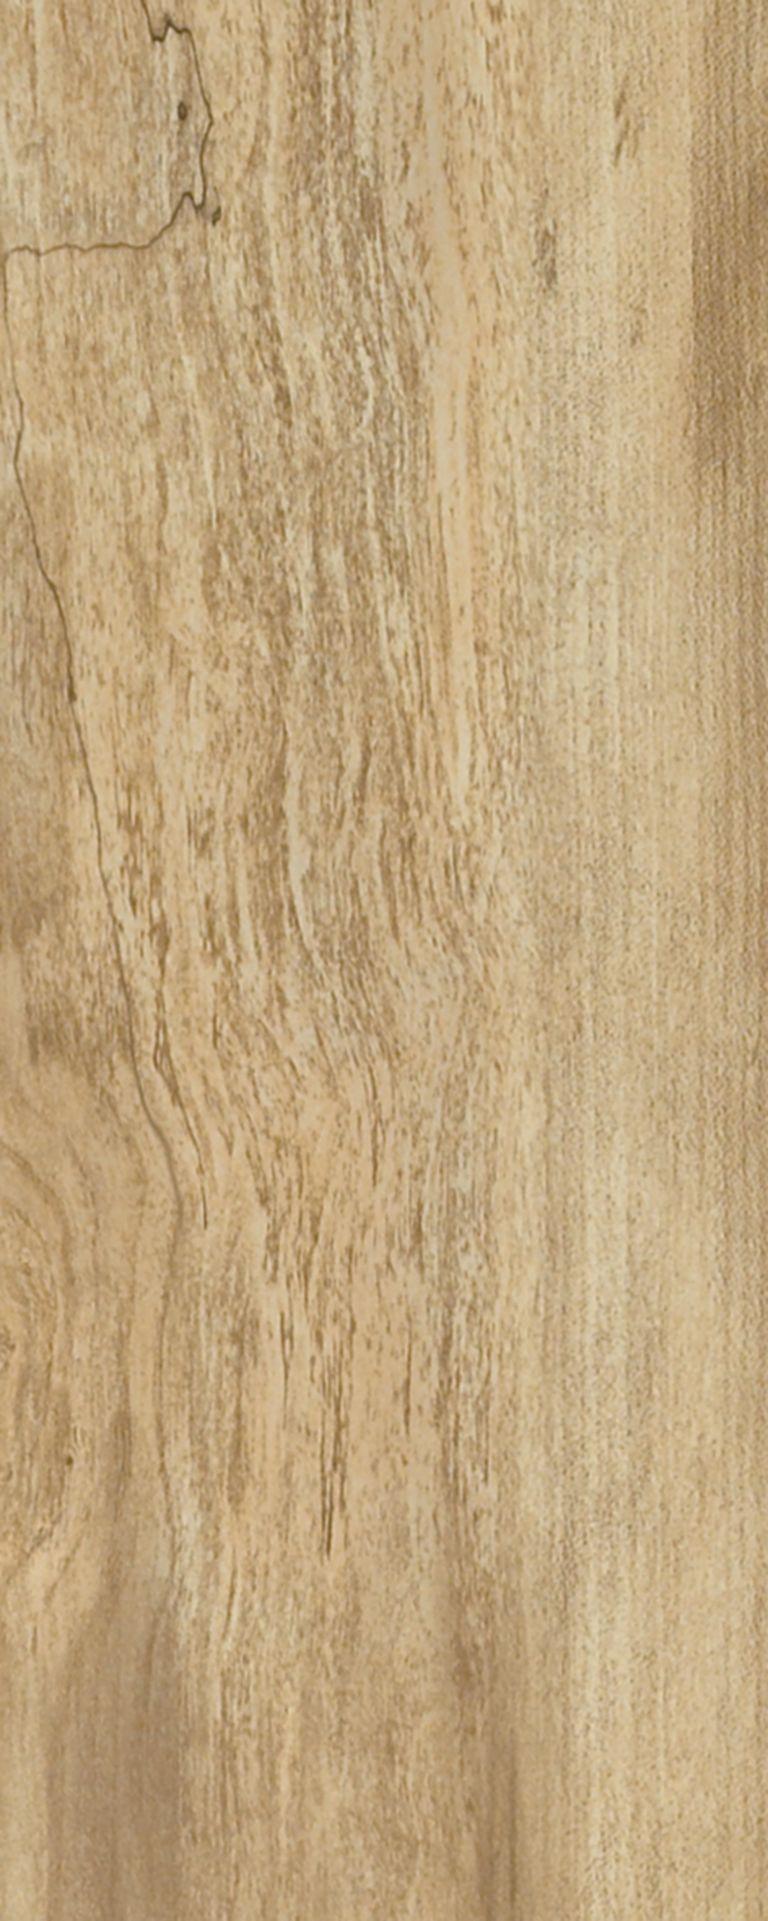 Flaxen Maple Laminado L4002